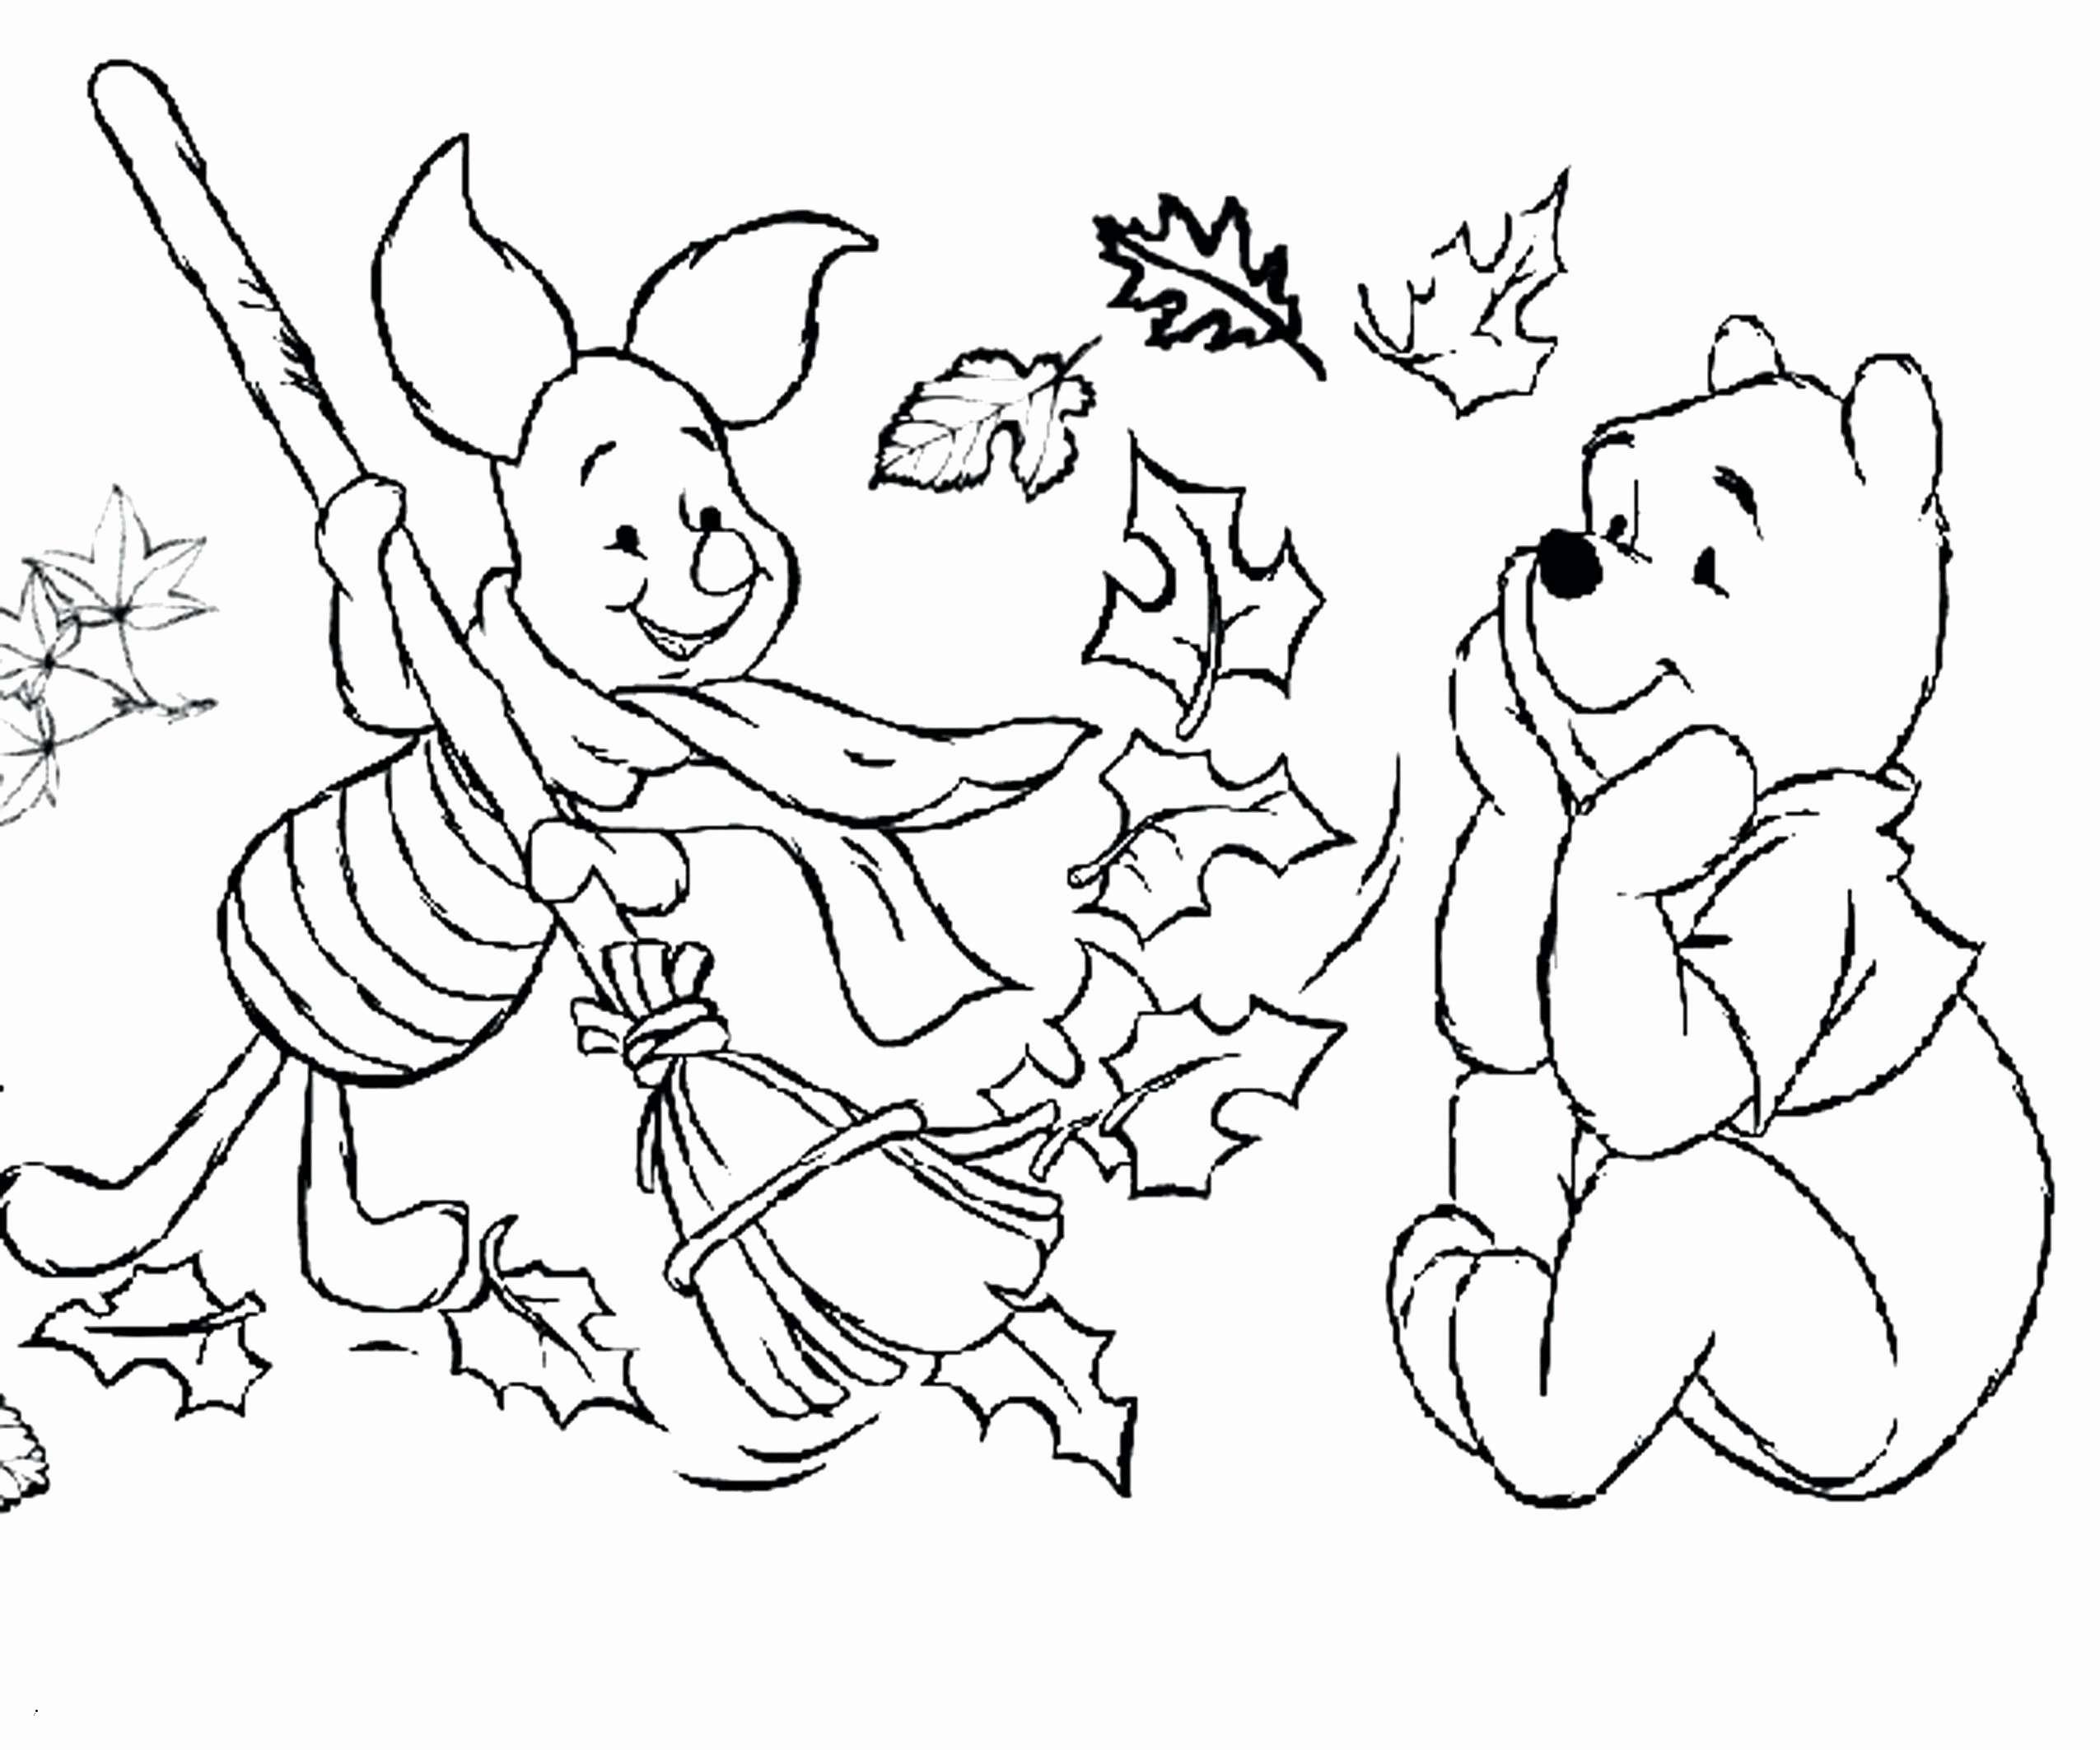 Hasen Bilder Zum Ausdrucken Kostenlos Frisch 52 Idee Kaninchen Ausmalbilder Treehouse Nyc Bild